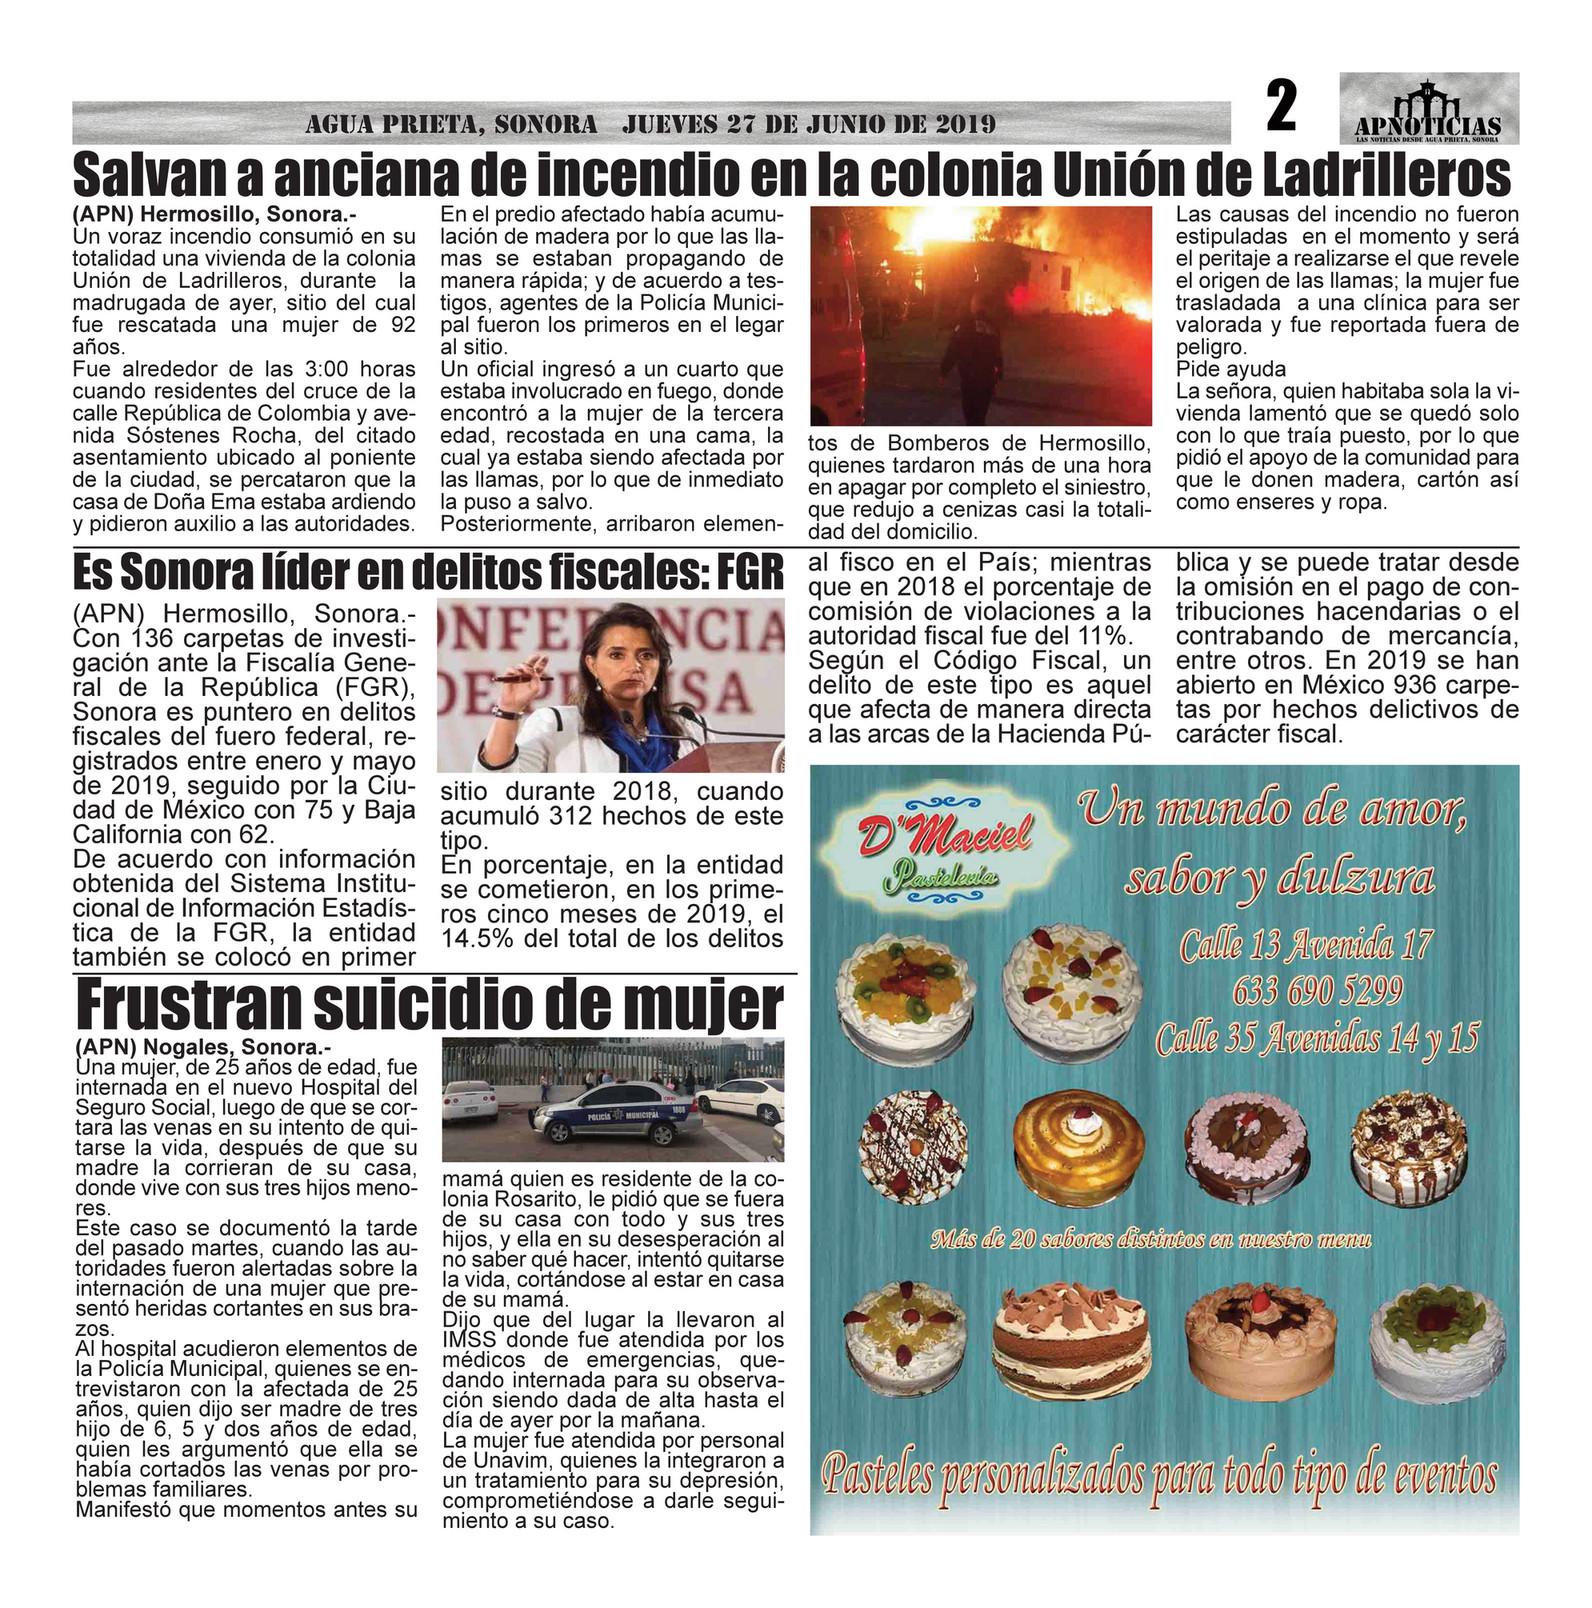 Amor Voraz apnoticias - edicion 67 - page 2-3 - created with publitas